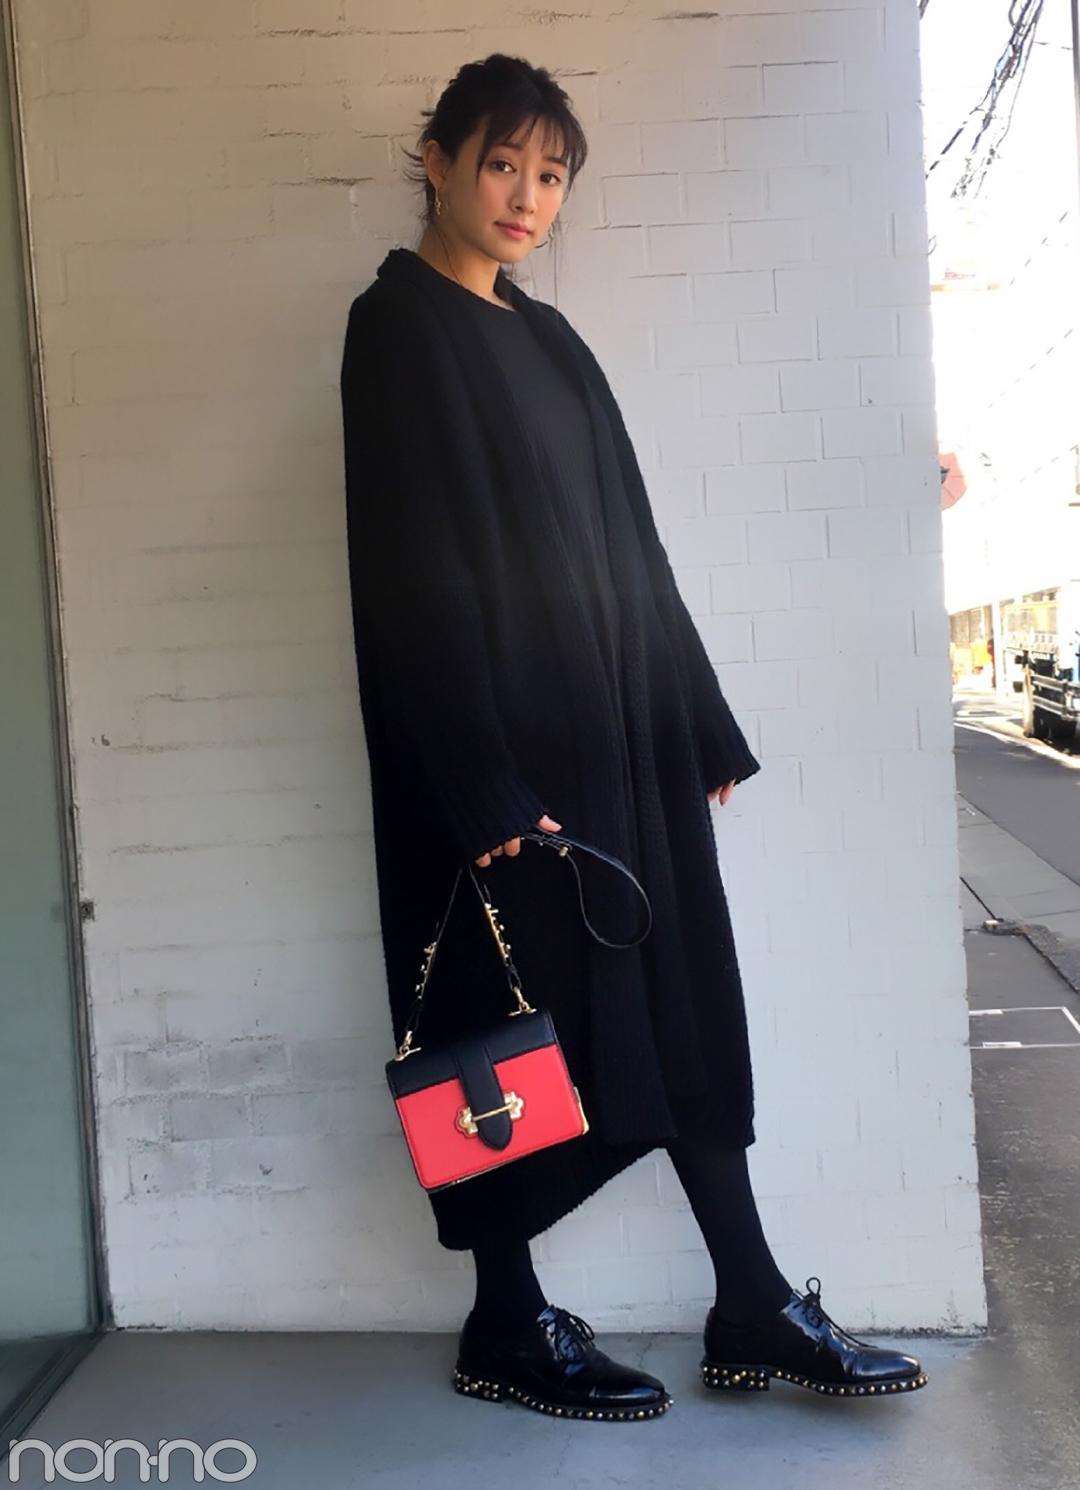 岡本杏理の冬の黒コーデ♡ ROSE BUDの赤バッグがアクセント【モデルの私服スナップ】_1_1